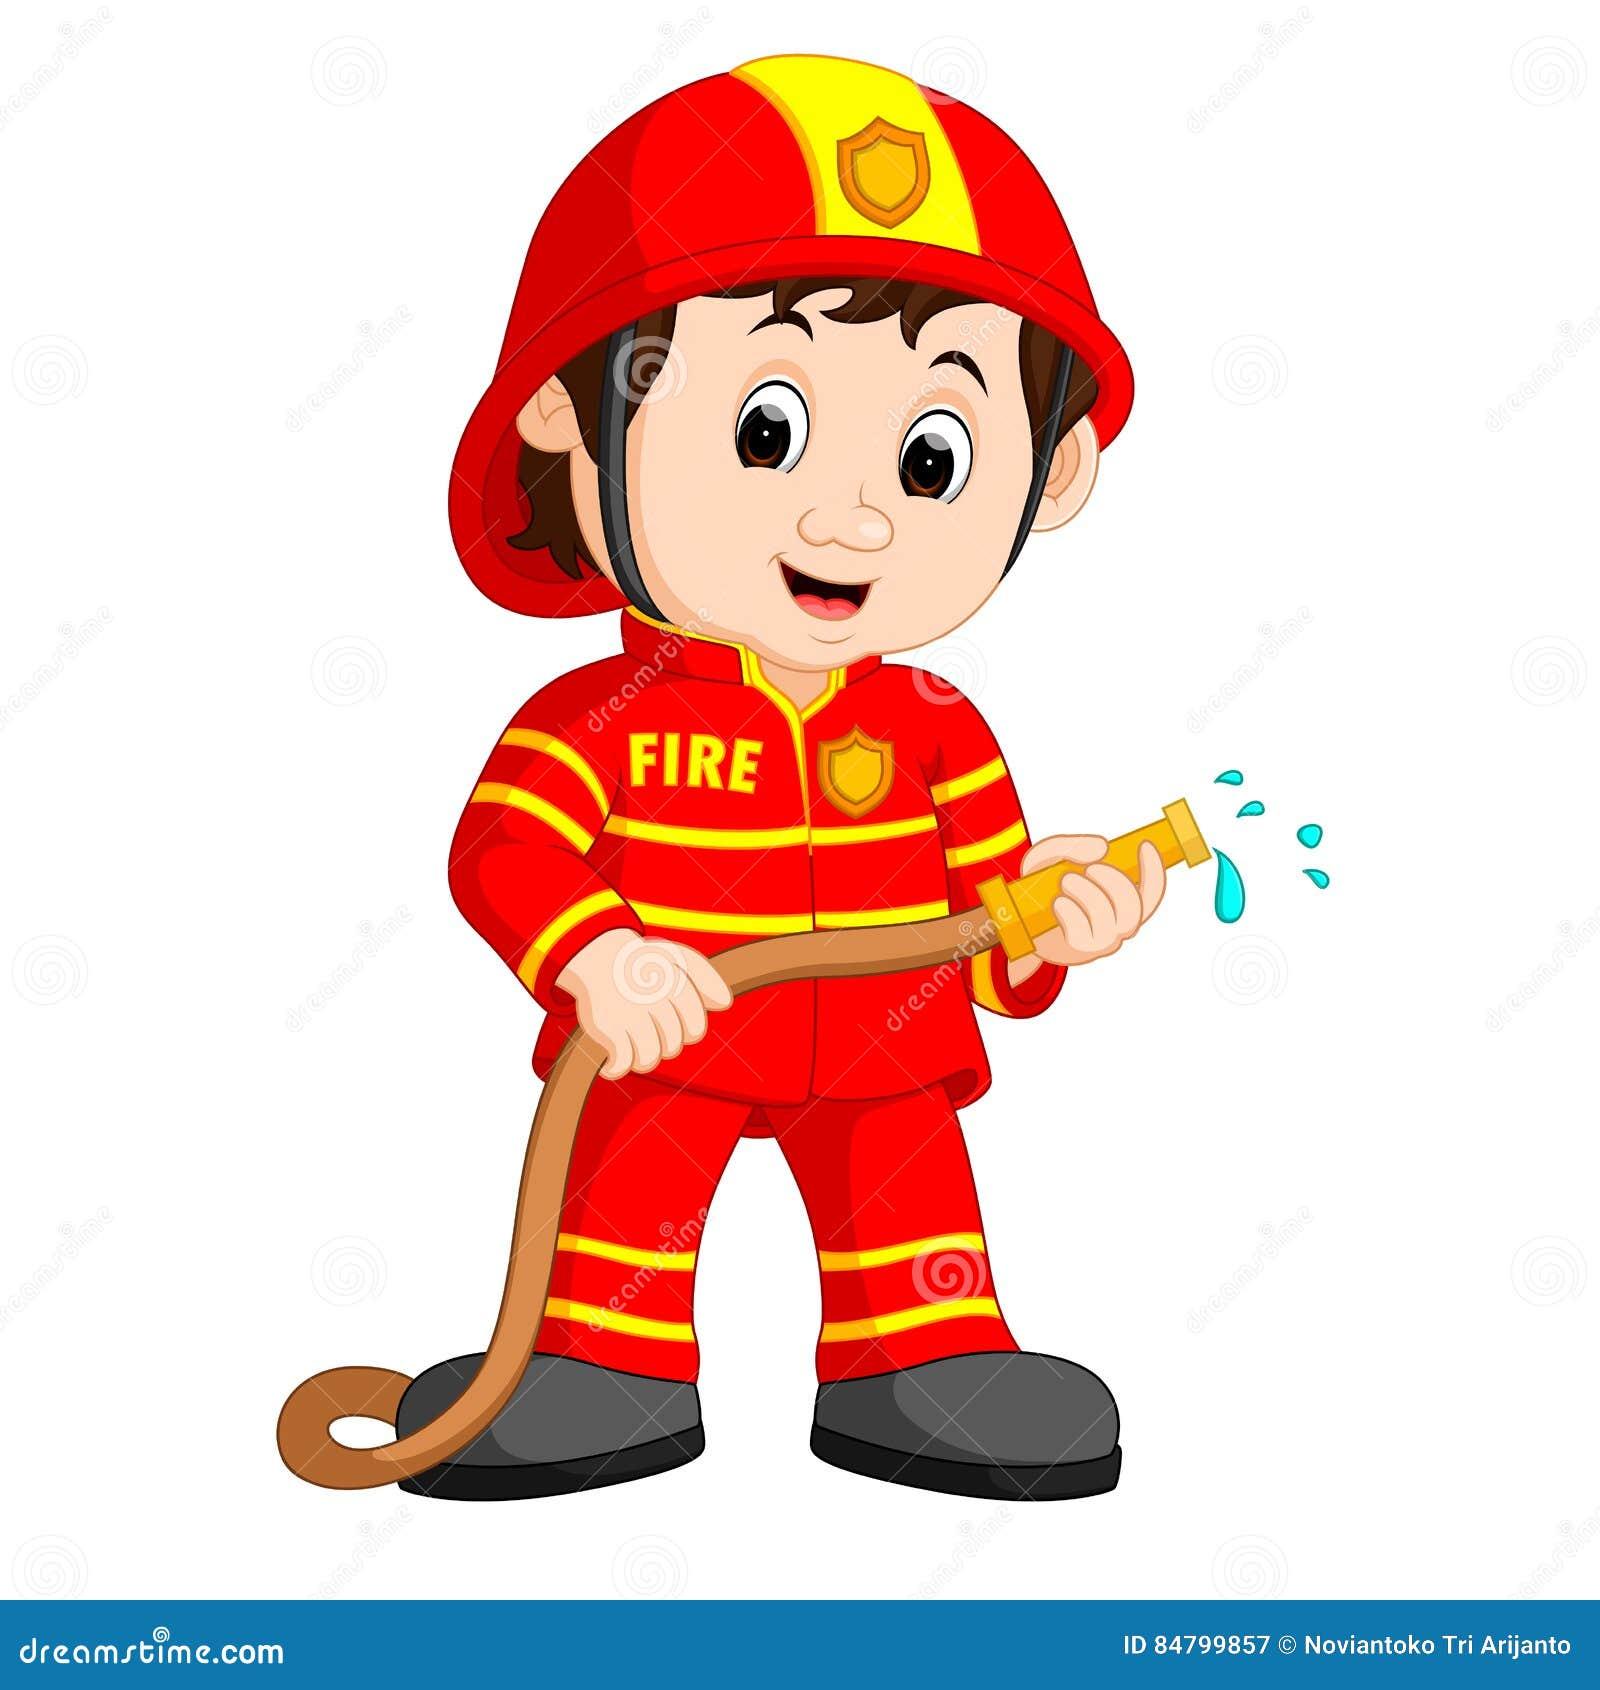 Pompier Stock Illustrations, Vecteurs, & Clipart